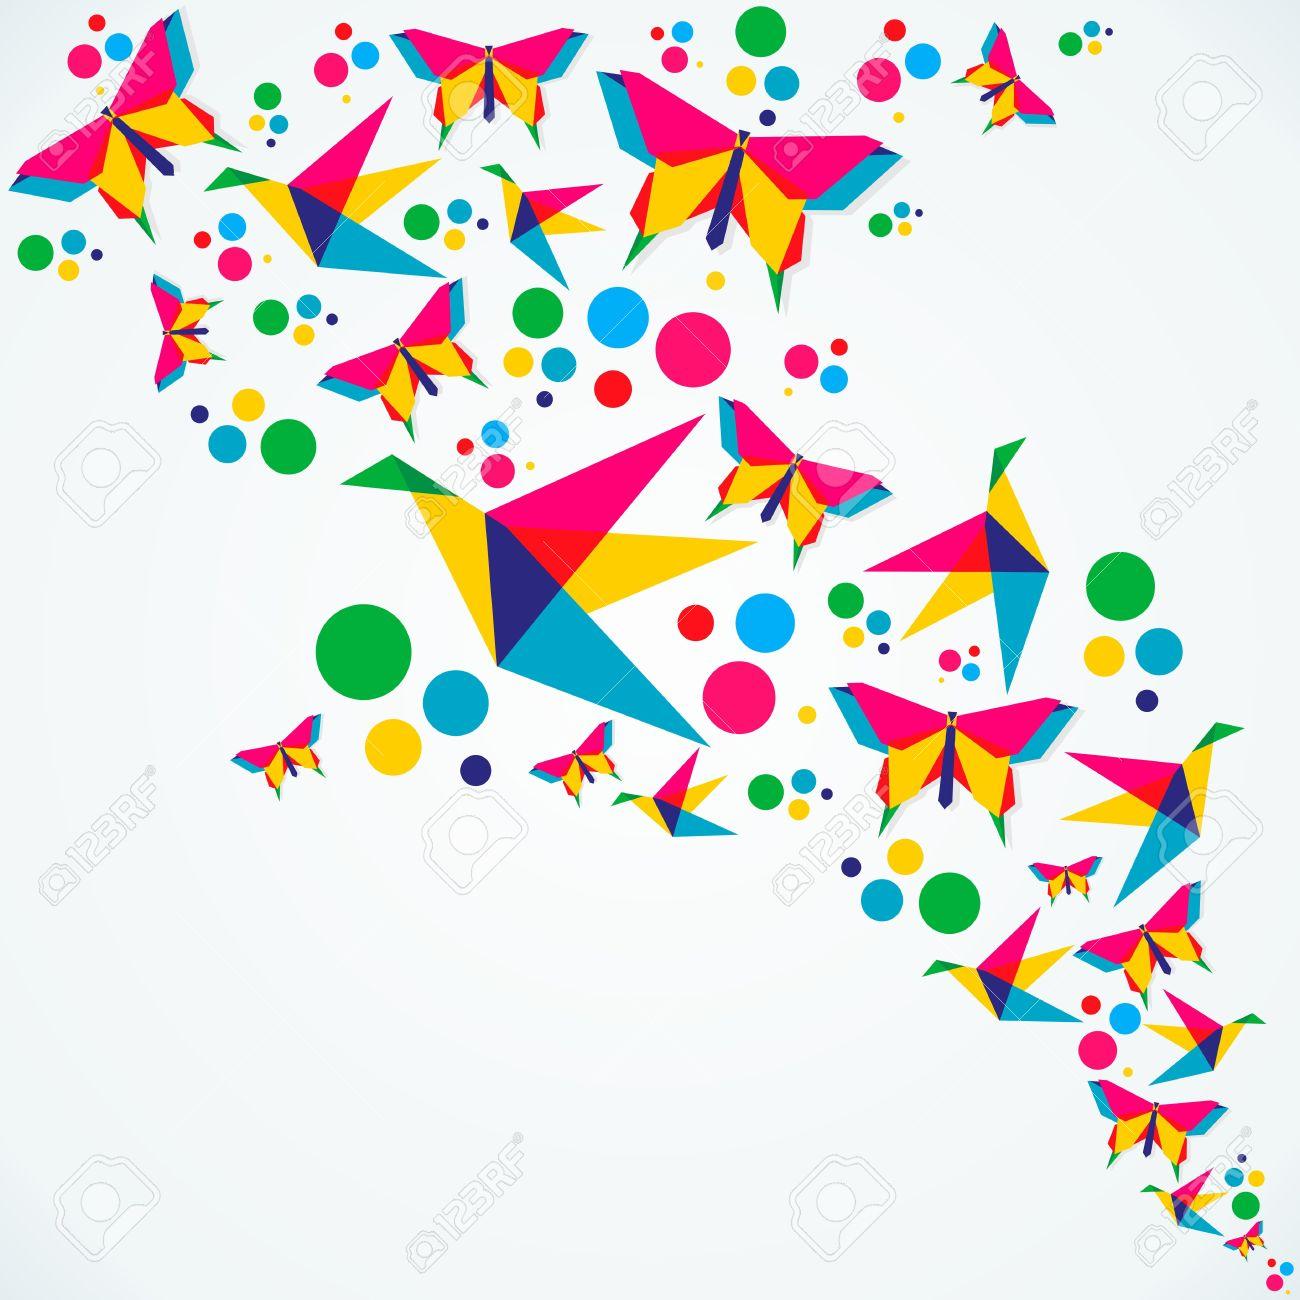 春折り紙蝶と鳥カラフルな組成物ベクトル イラストを簡単に操作および